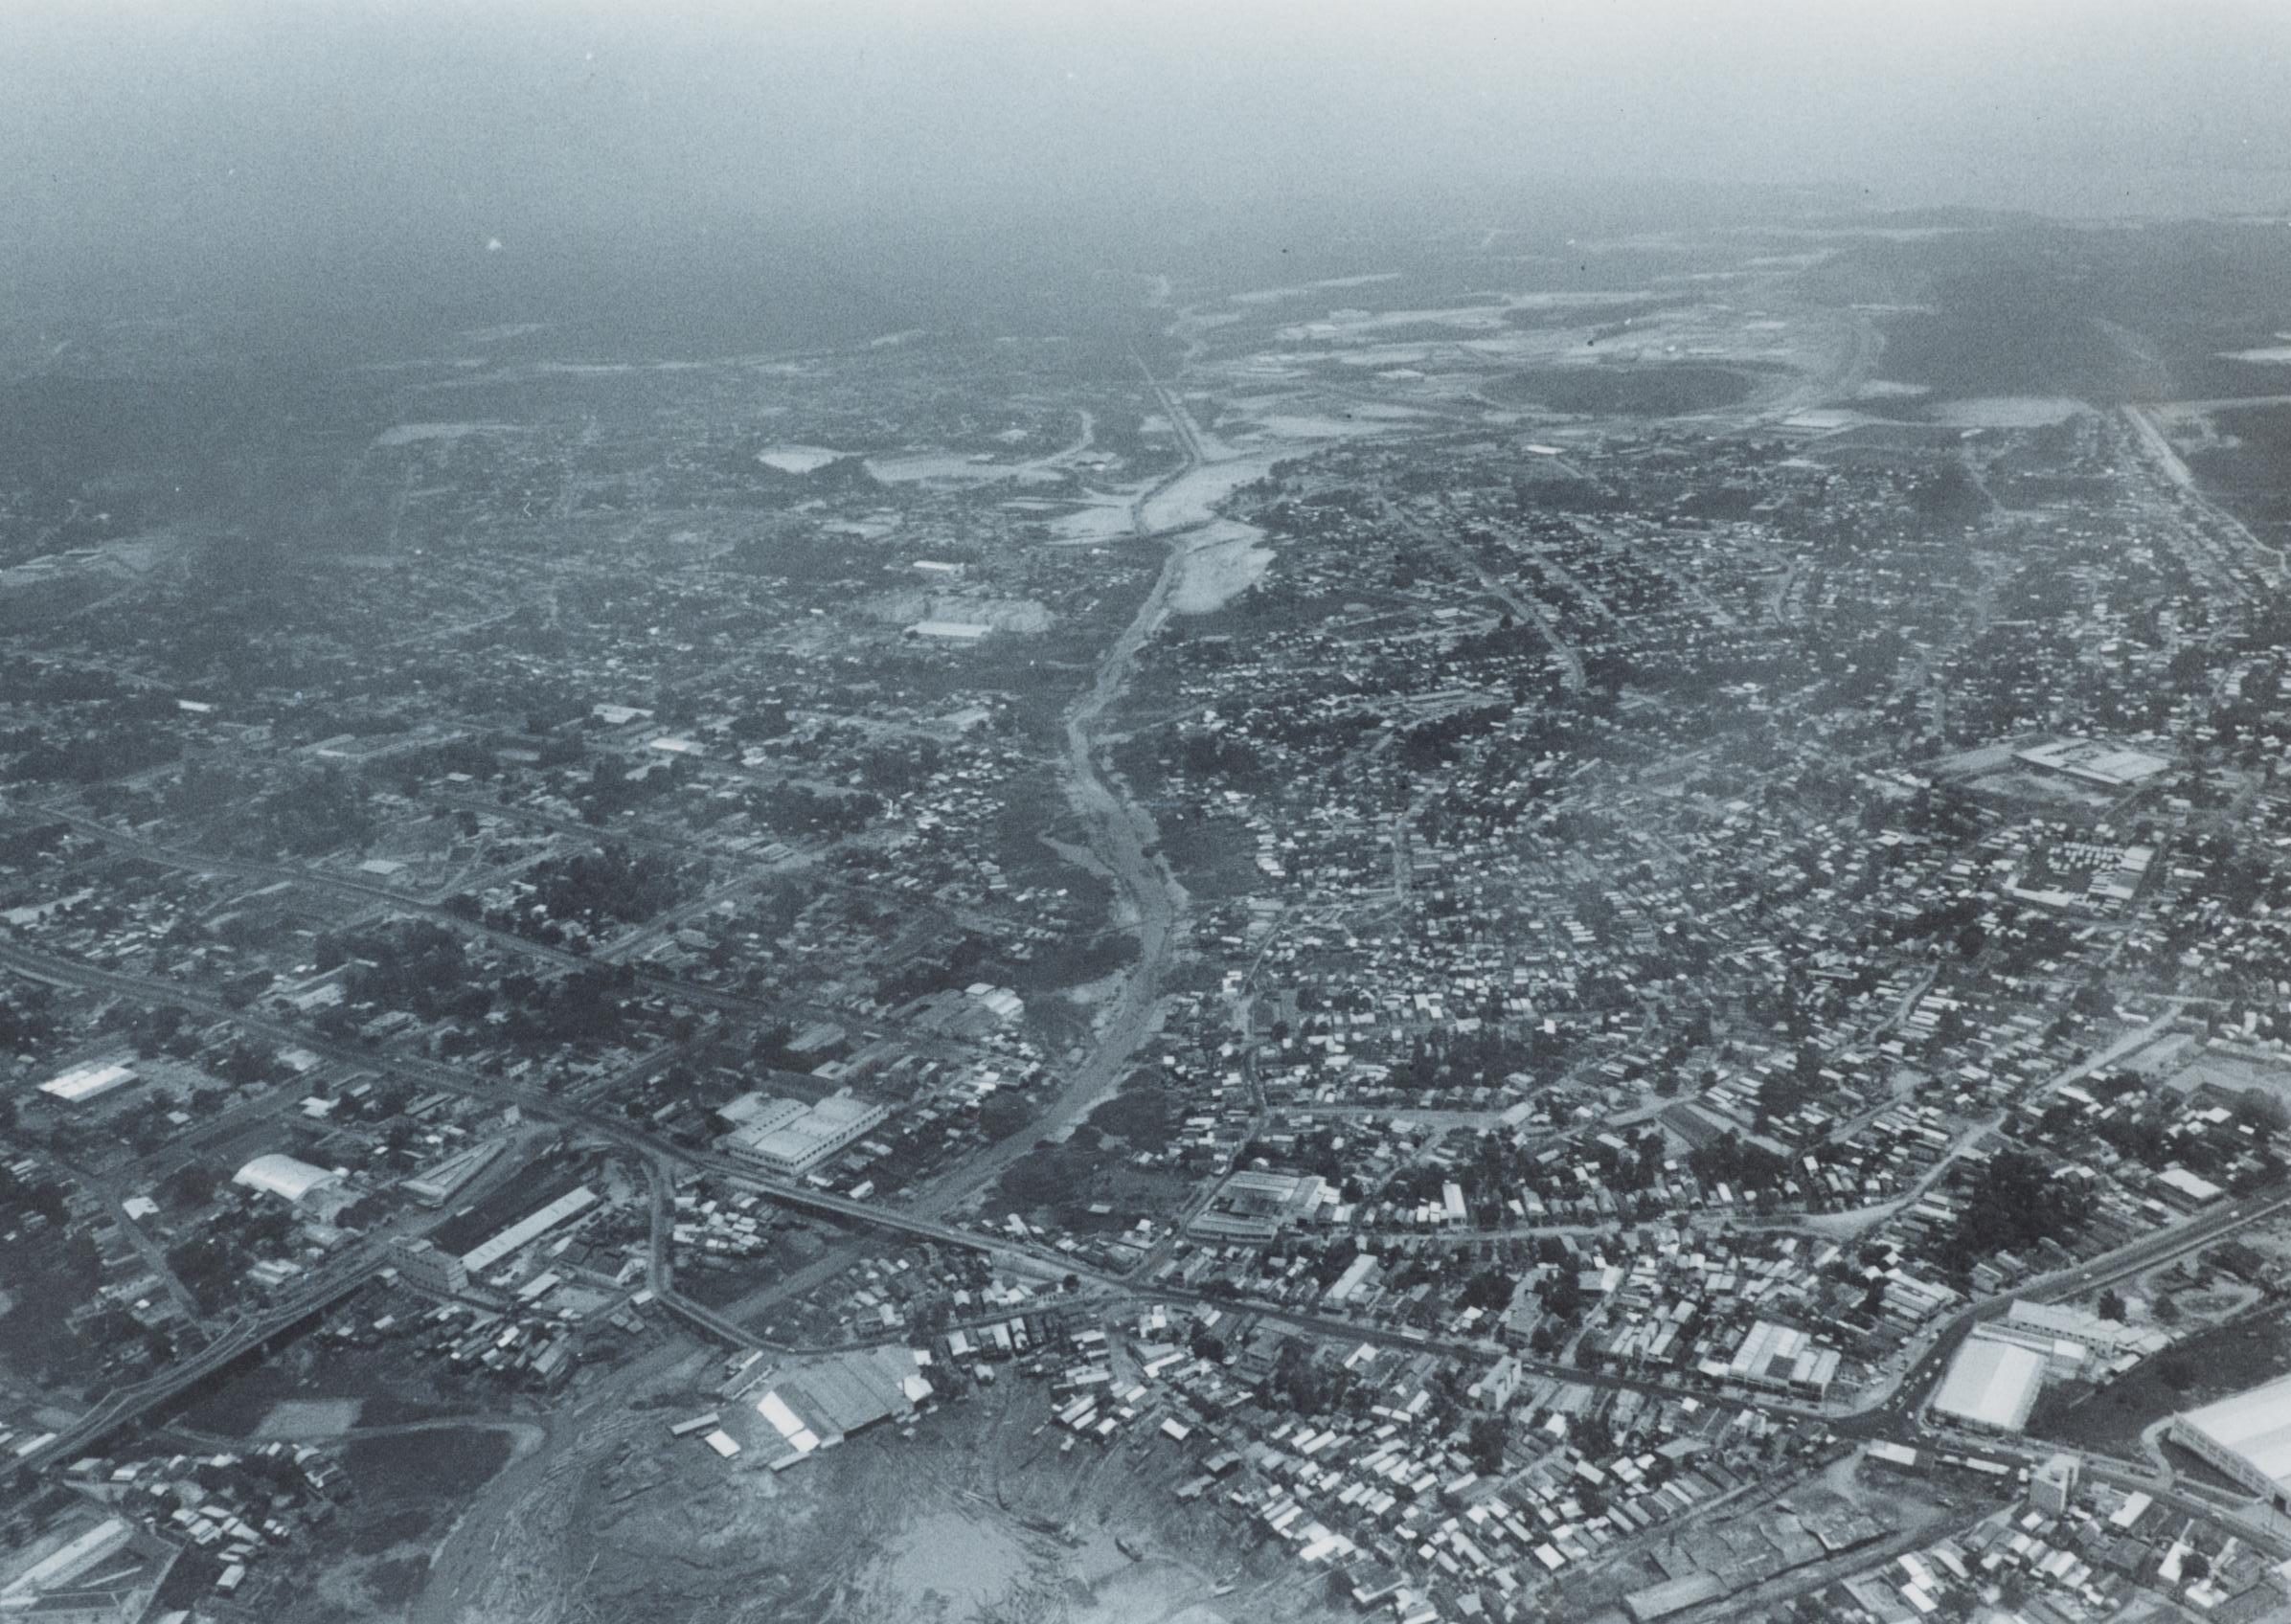 Vista aérea das pontes de Manaus - Instituto Durango Duarte